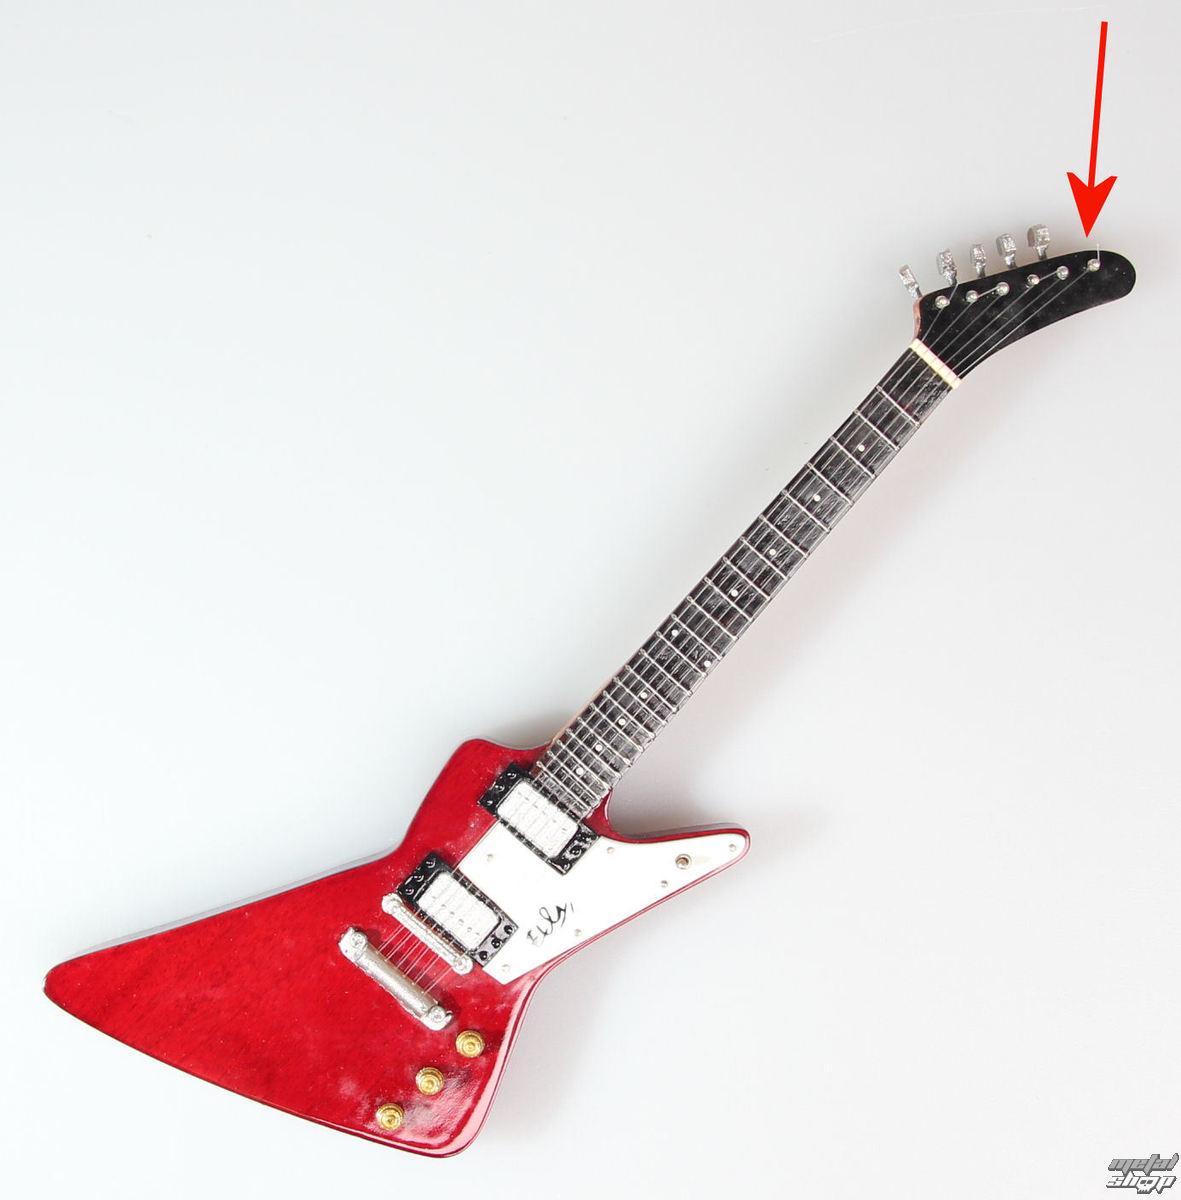 gitara U2 - Bono Explorer Edge 2 - MINI GUITAR USA - XPL2 - POŠKODENÁ